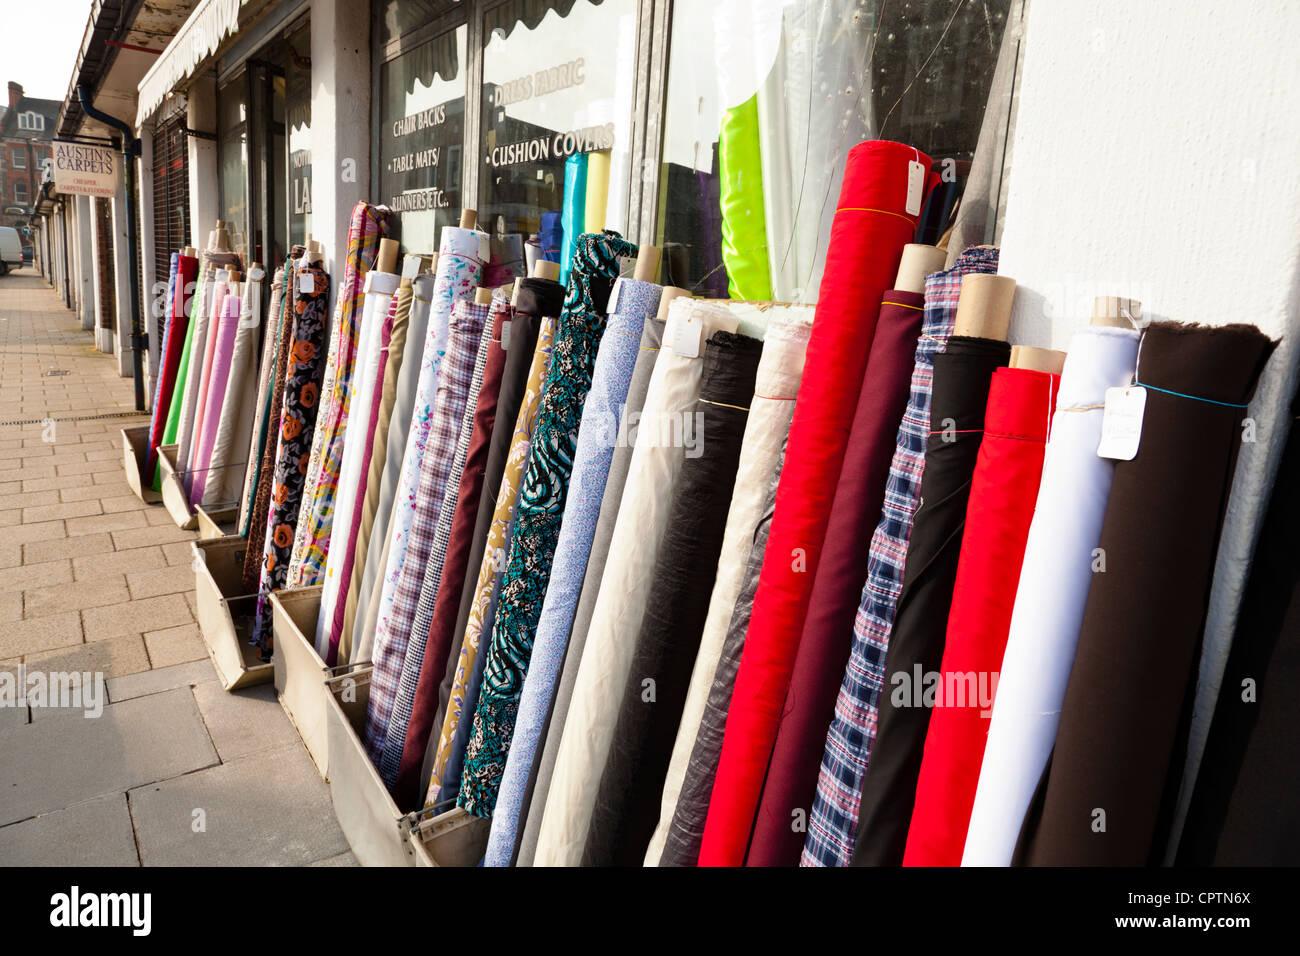 Kurzwaren-Shop mit Rollen von Material und Stoff außen, Sneinton Market, Nottingham, England, UK Stockbild